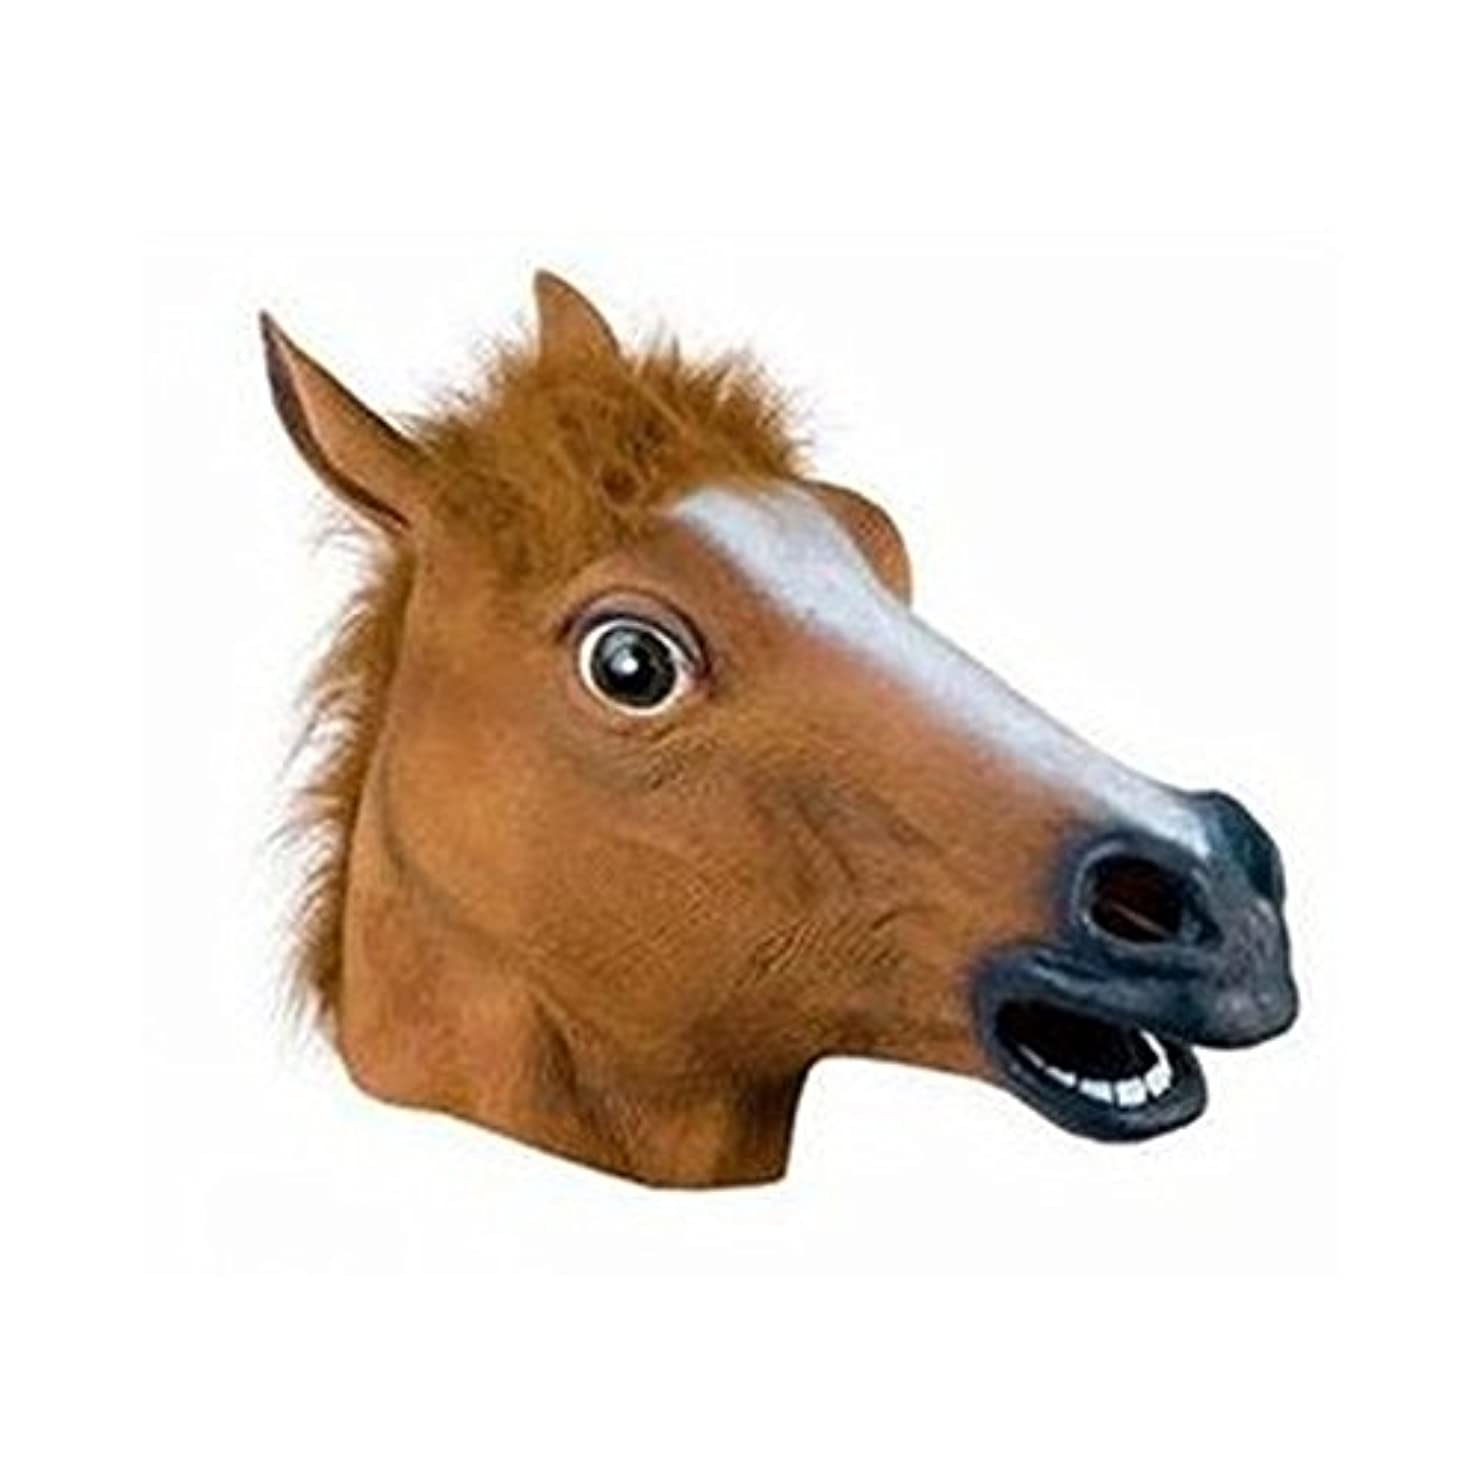 成分邪魔するデンマーク語犬の馬6月ハロウィーン動物のヘッドギアCOSマスク馬のヘッドマスク